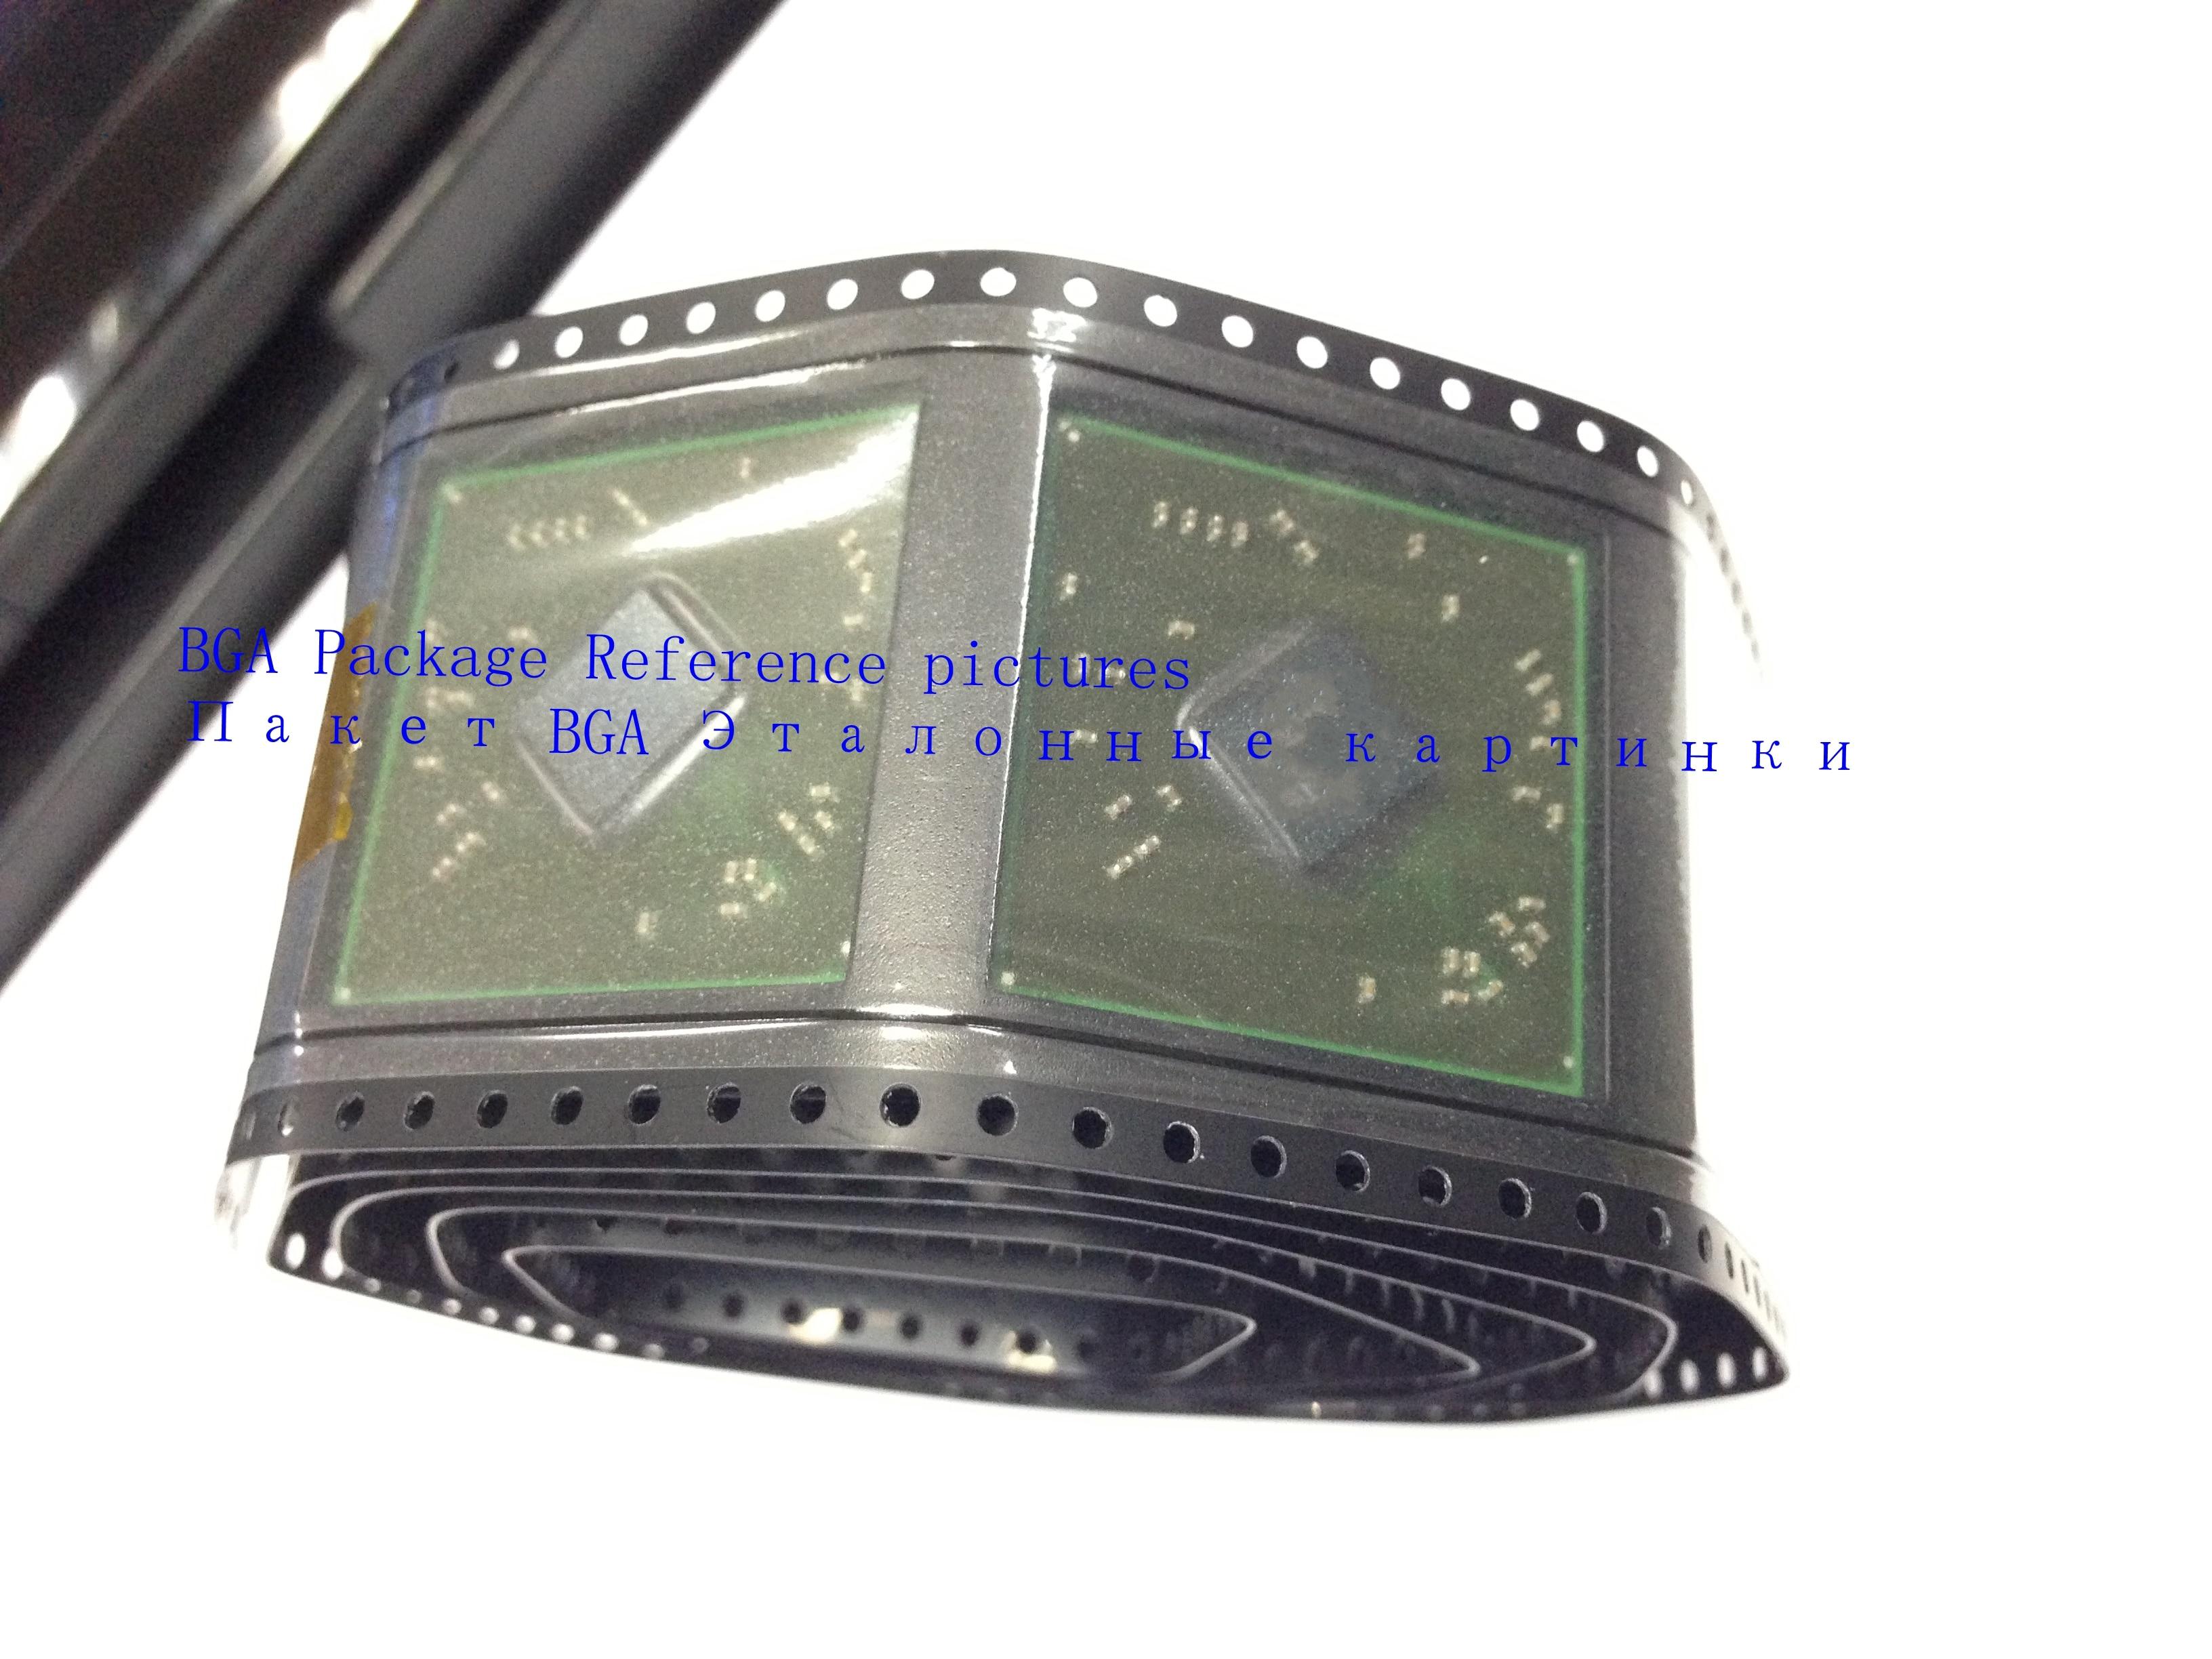 1pcs/lot 100% test very good product G73-GTA-N-A2 G73 GTA N A2 bga chip reball with balls IC chips1pcs/lot 100% test very good product G73-GTA-N-A2 G73 GTA N A2 bga chip reball with balls IC chips